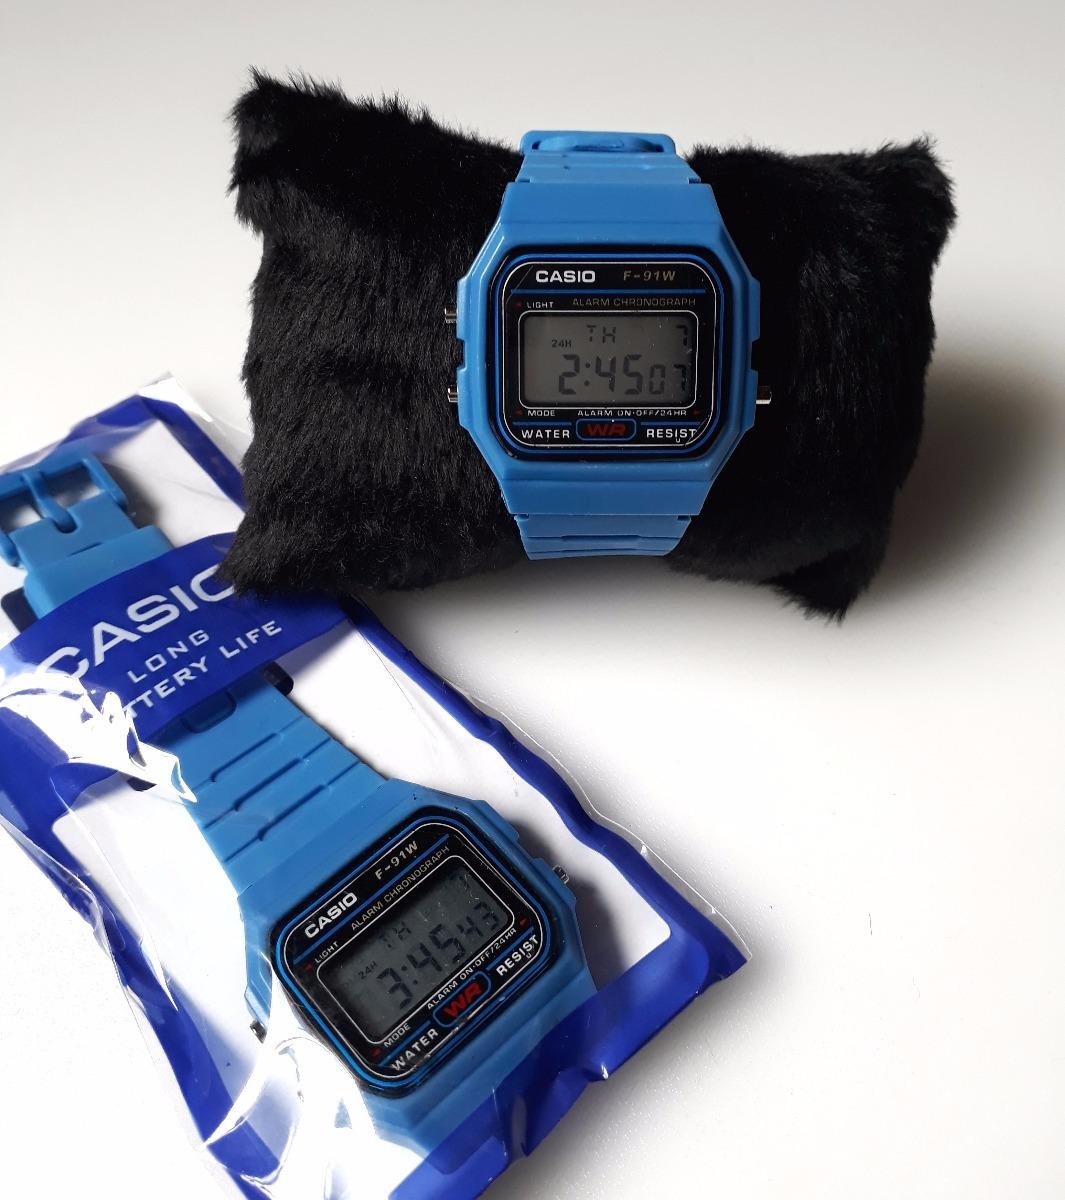 e51190f1f47 Relógio Casio Unissex Colorido Criança Infantil - R  39